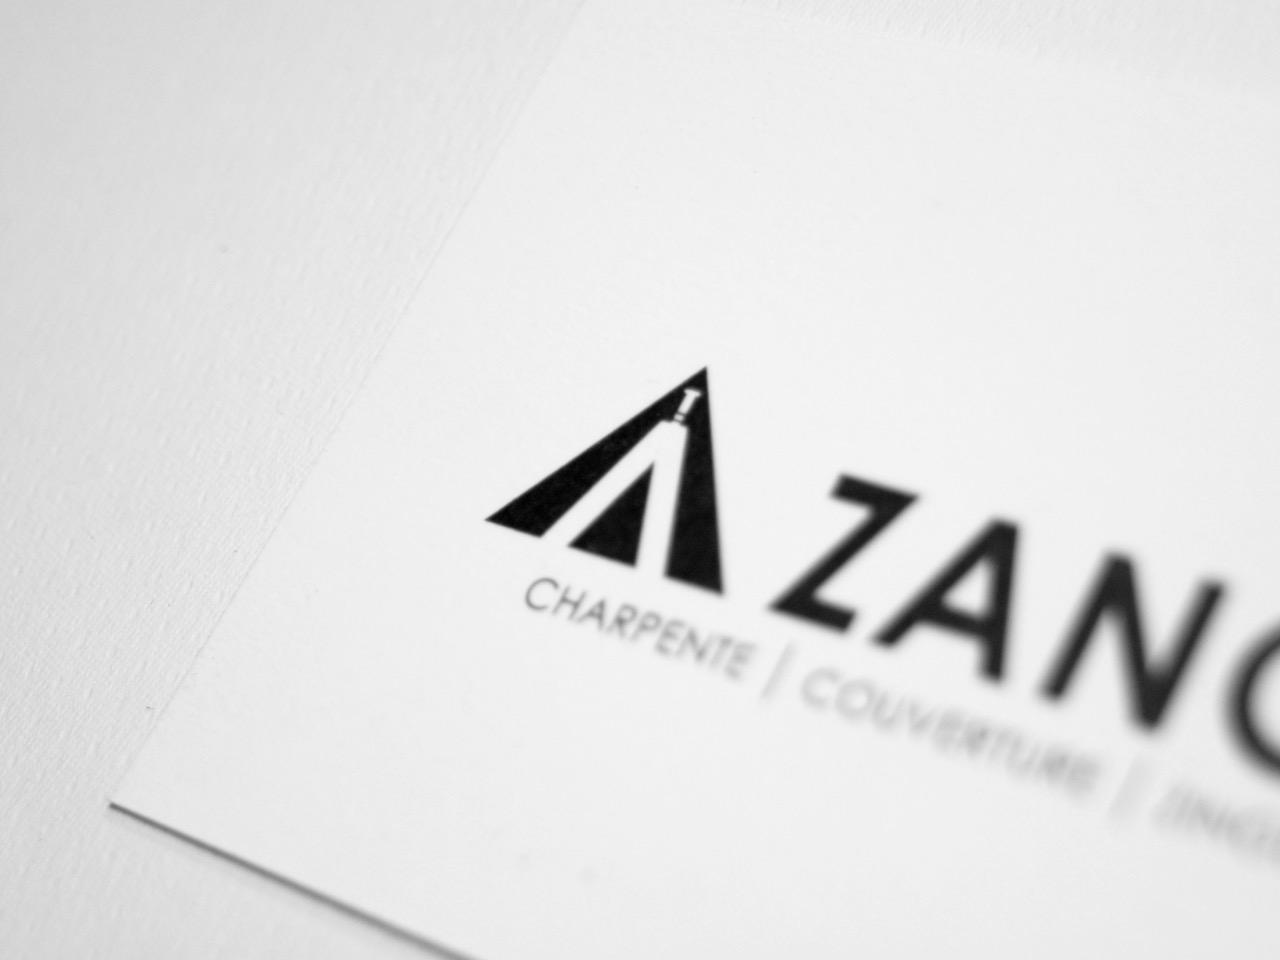 Ekidna a créé un nouveau logo pour l'entreprise de charpente Zanon